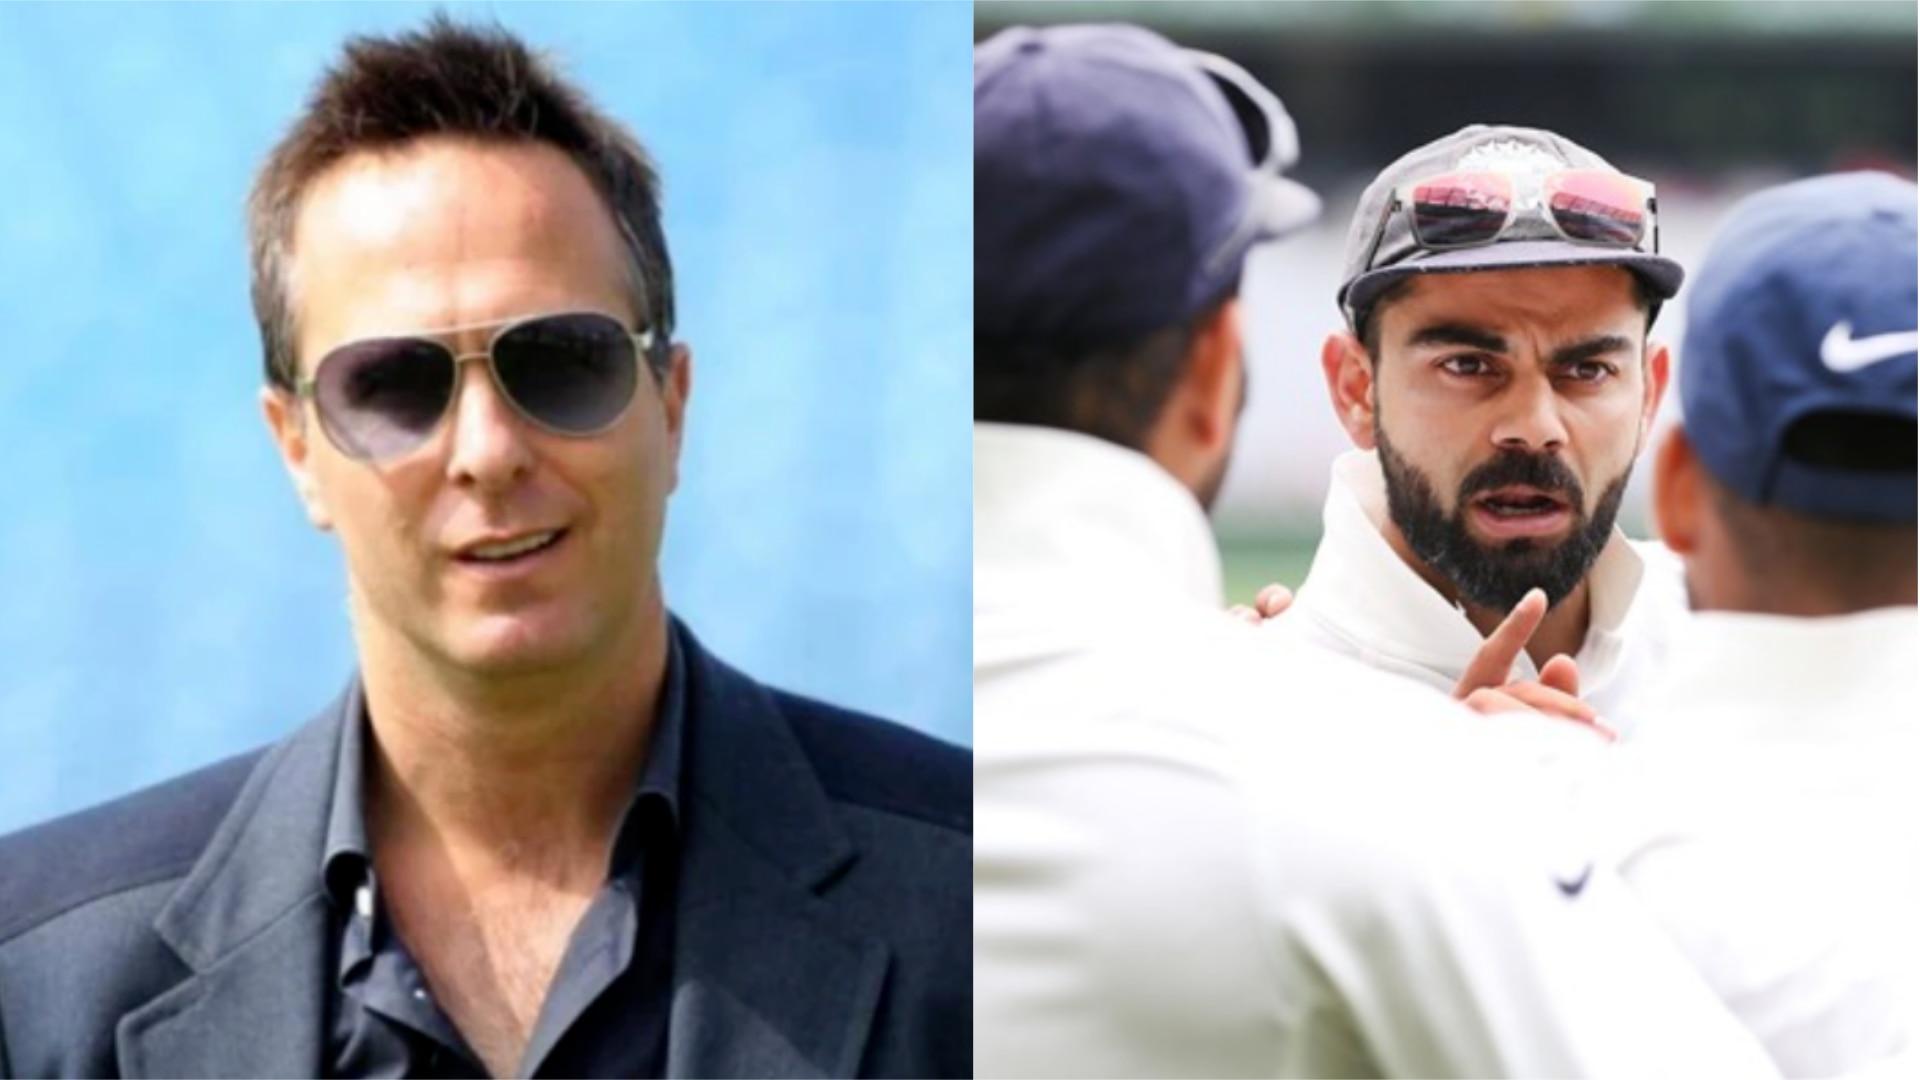 IND vs ENG: माइकल वॉन ने शेयर की पहले टेस्ट की पिच की 'फोटो', टीम इंडिया को ऐसे चिढ़ाया